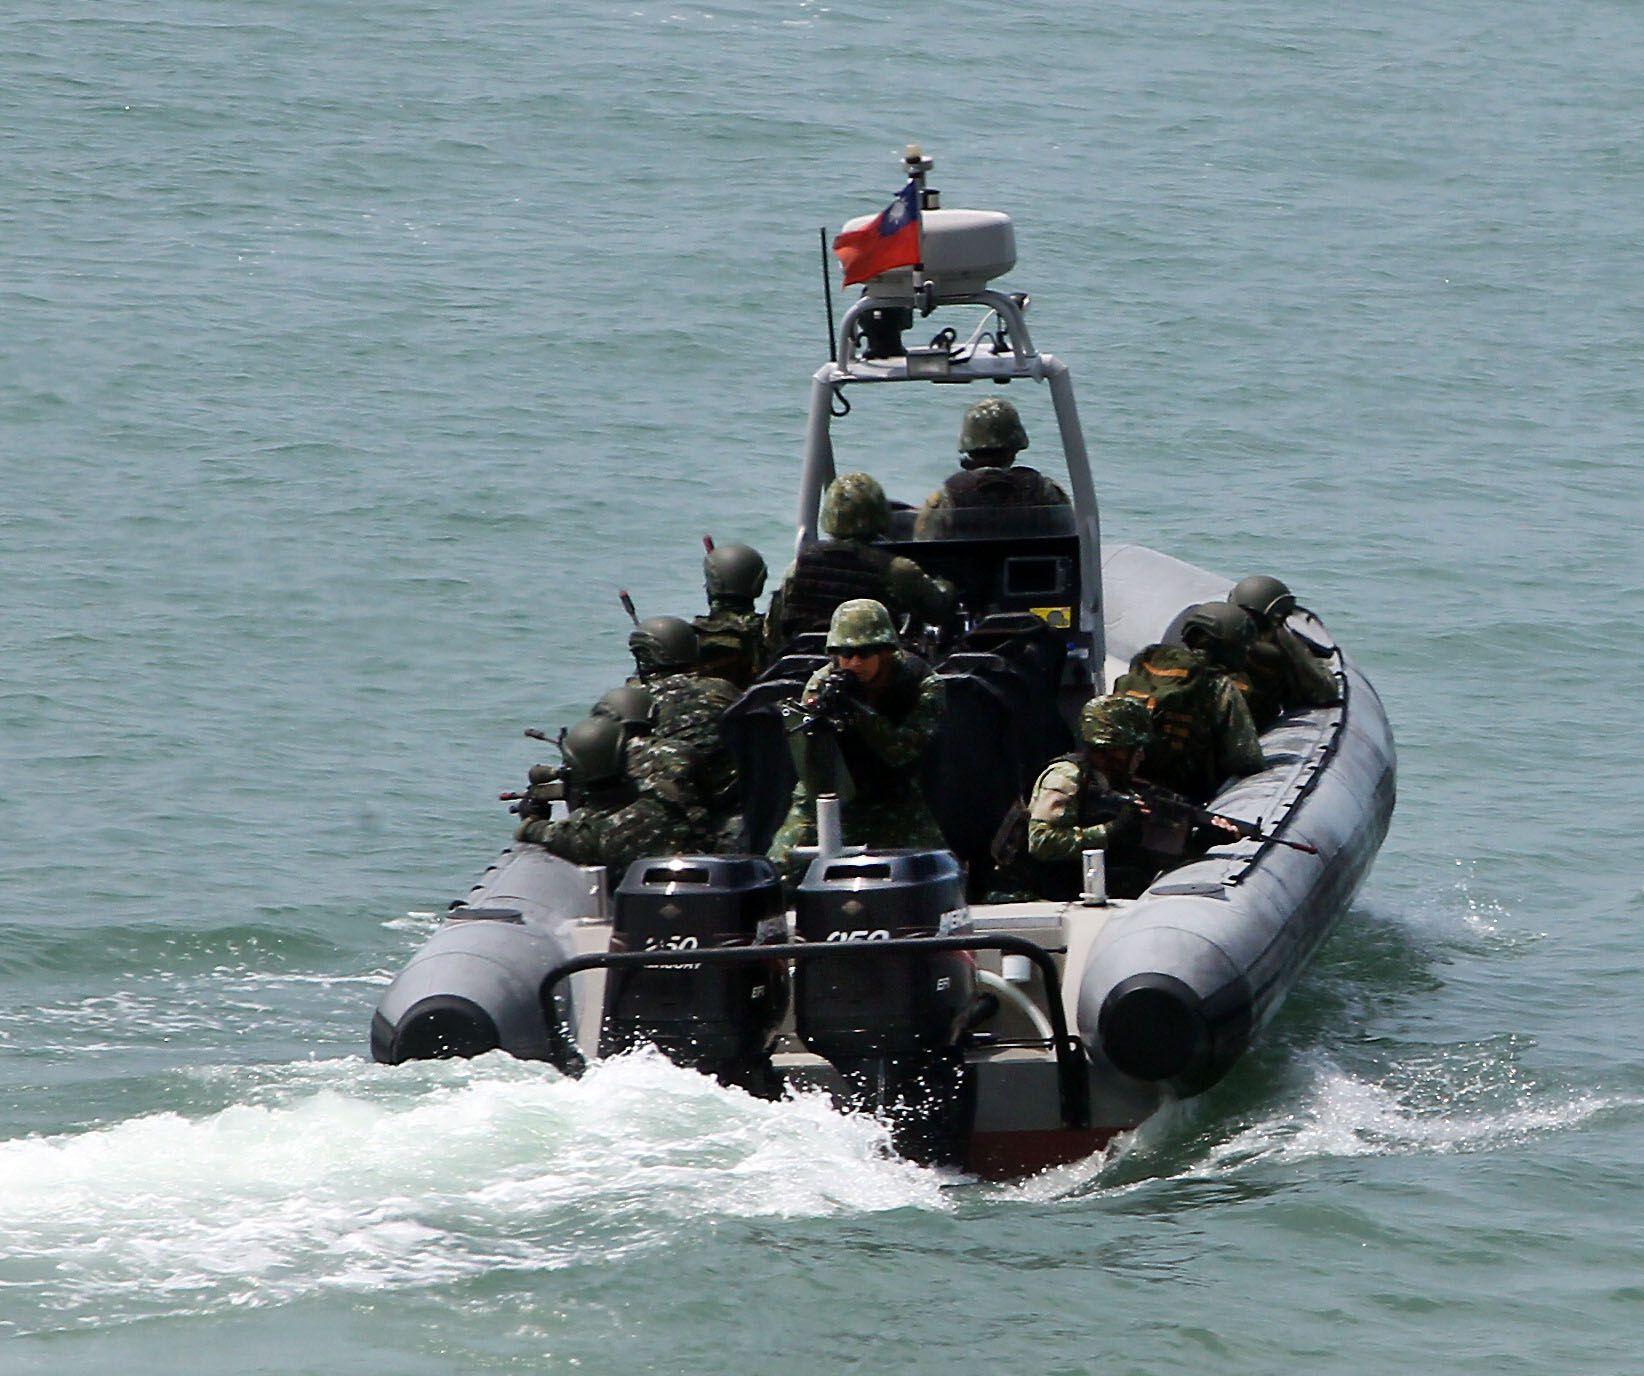 兩棲營海龍蛙兵從突擊快艇登陸上實施敵火下迅速撤離。(記者邱榮吉/金門拍攝)